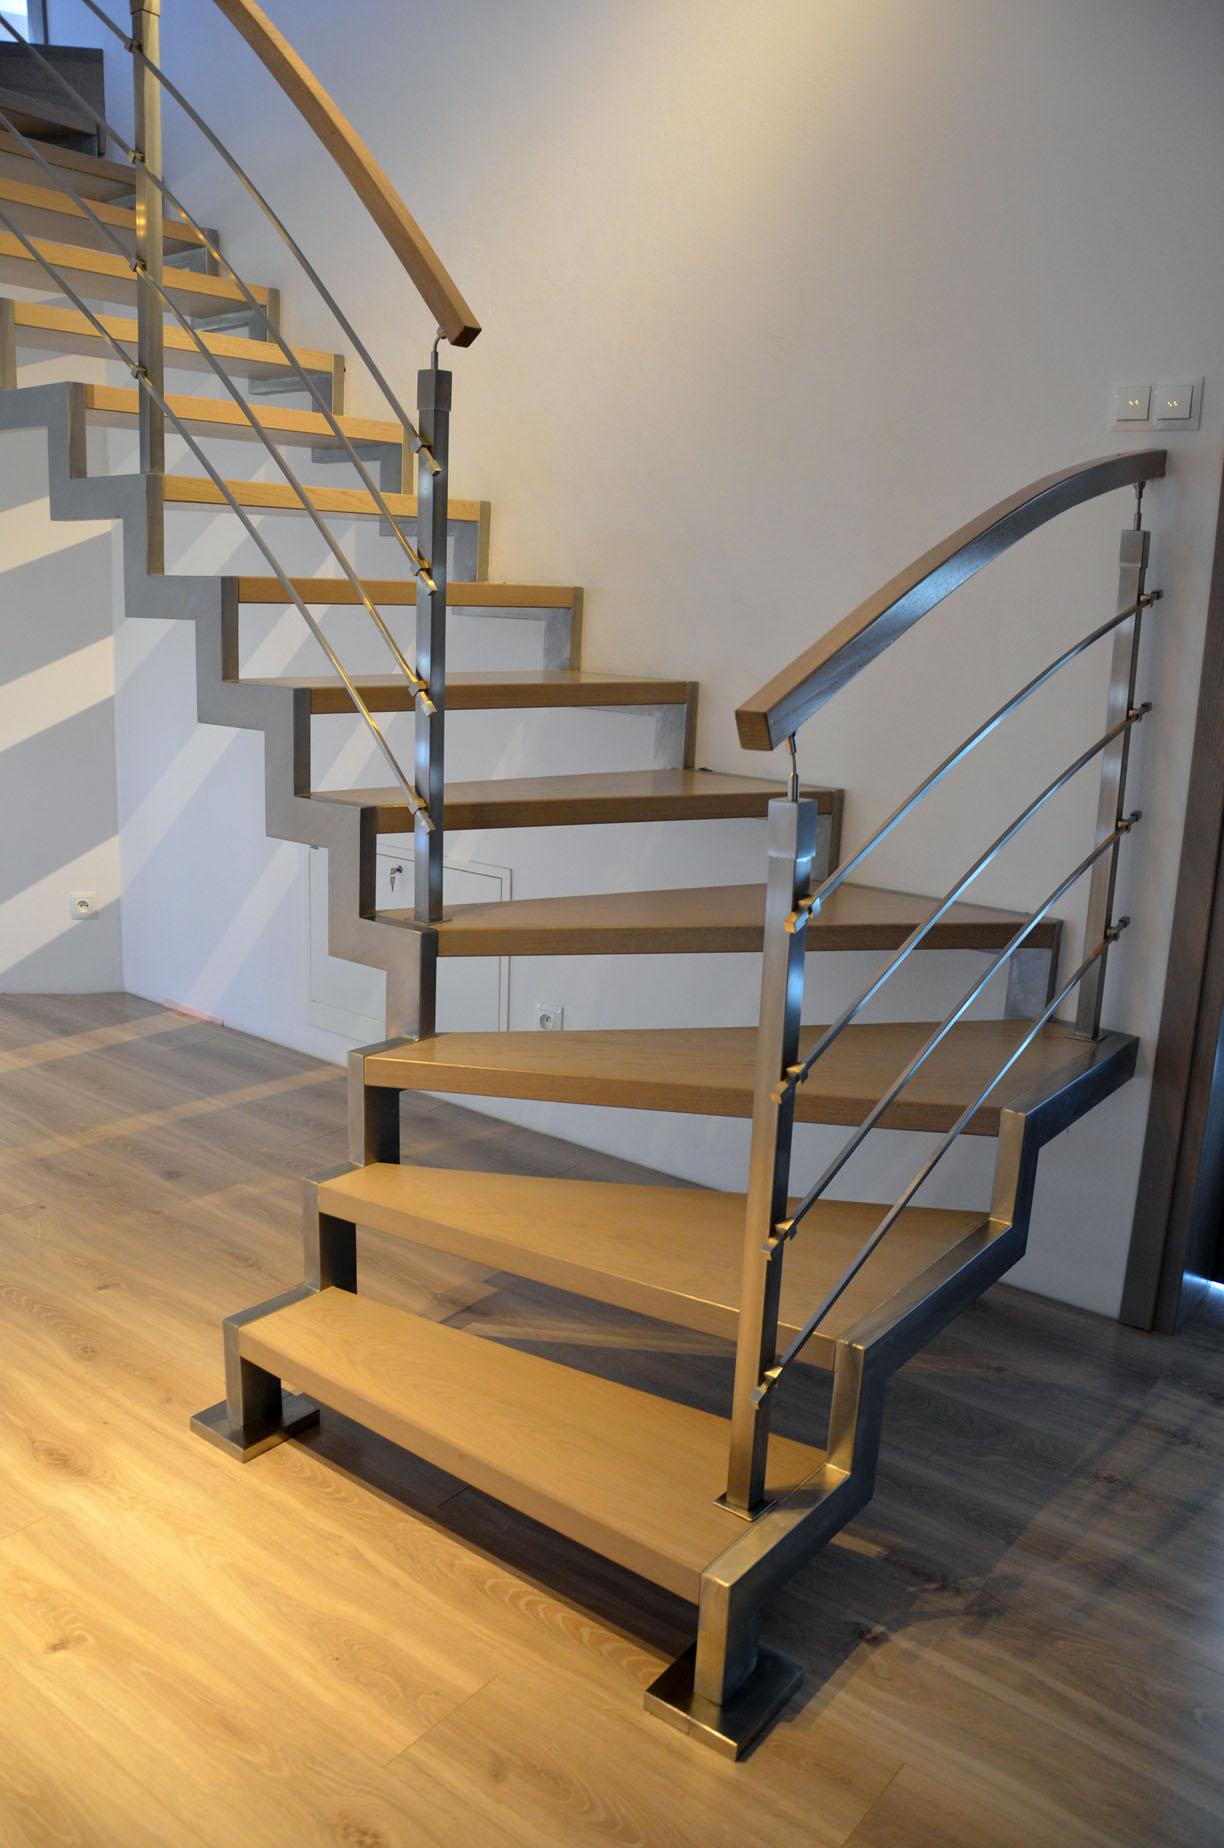 schody na konstrukcji metalowej 1